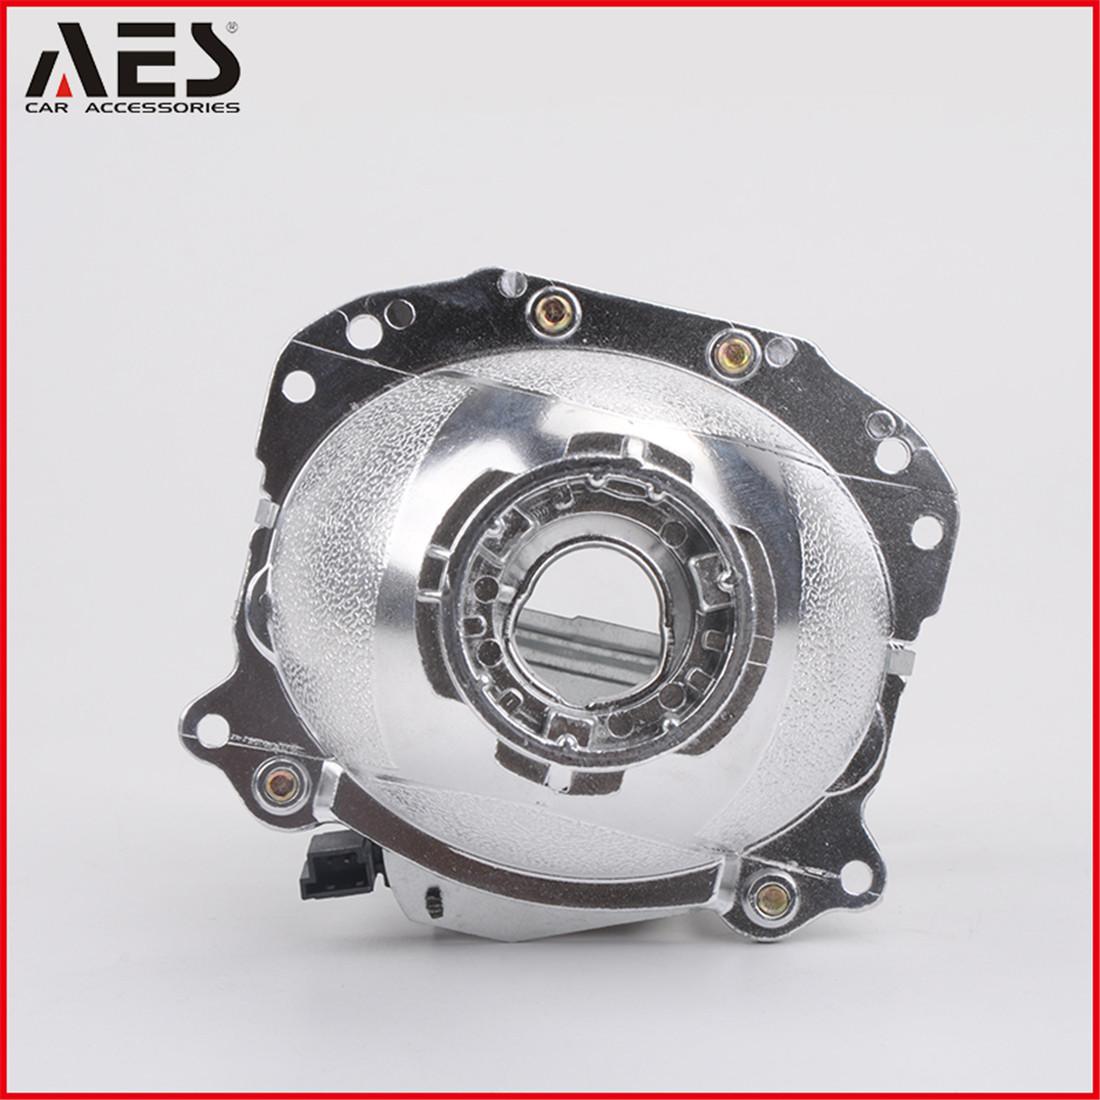 AES-Auto-headlight-hid-bi-xenon-3 (3).jpg